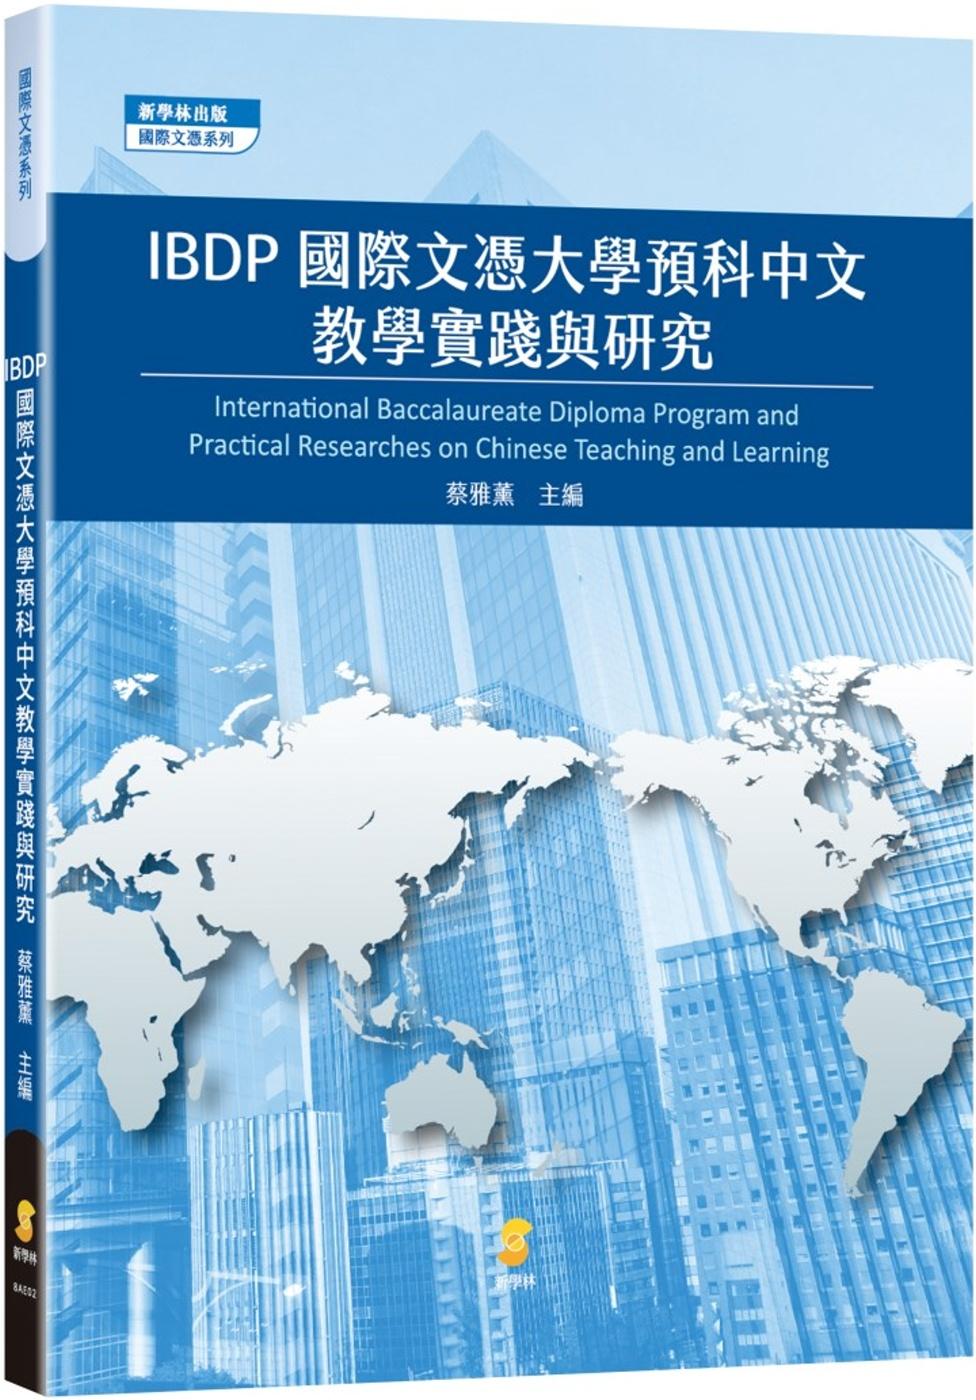 IBDP國際文憑大學預科中文教...